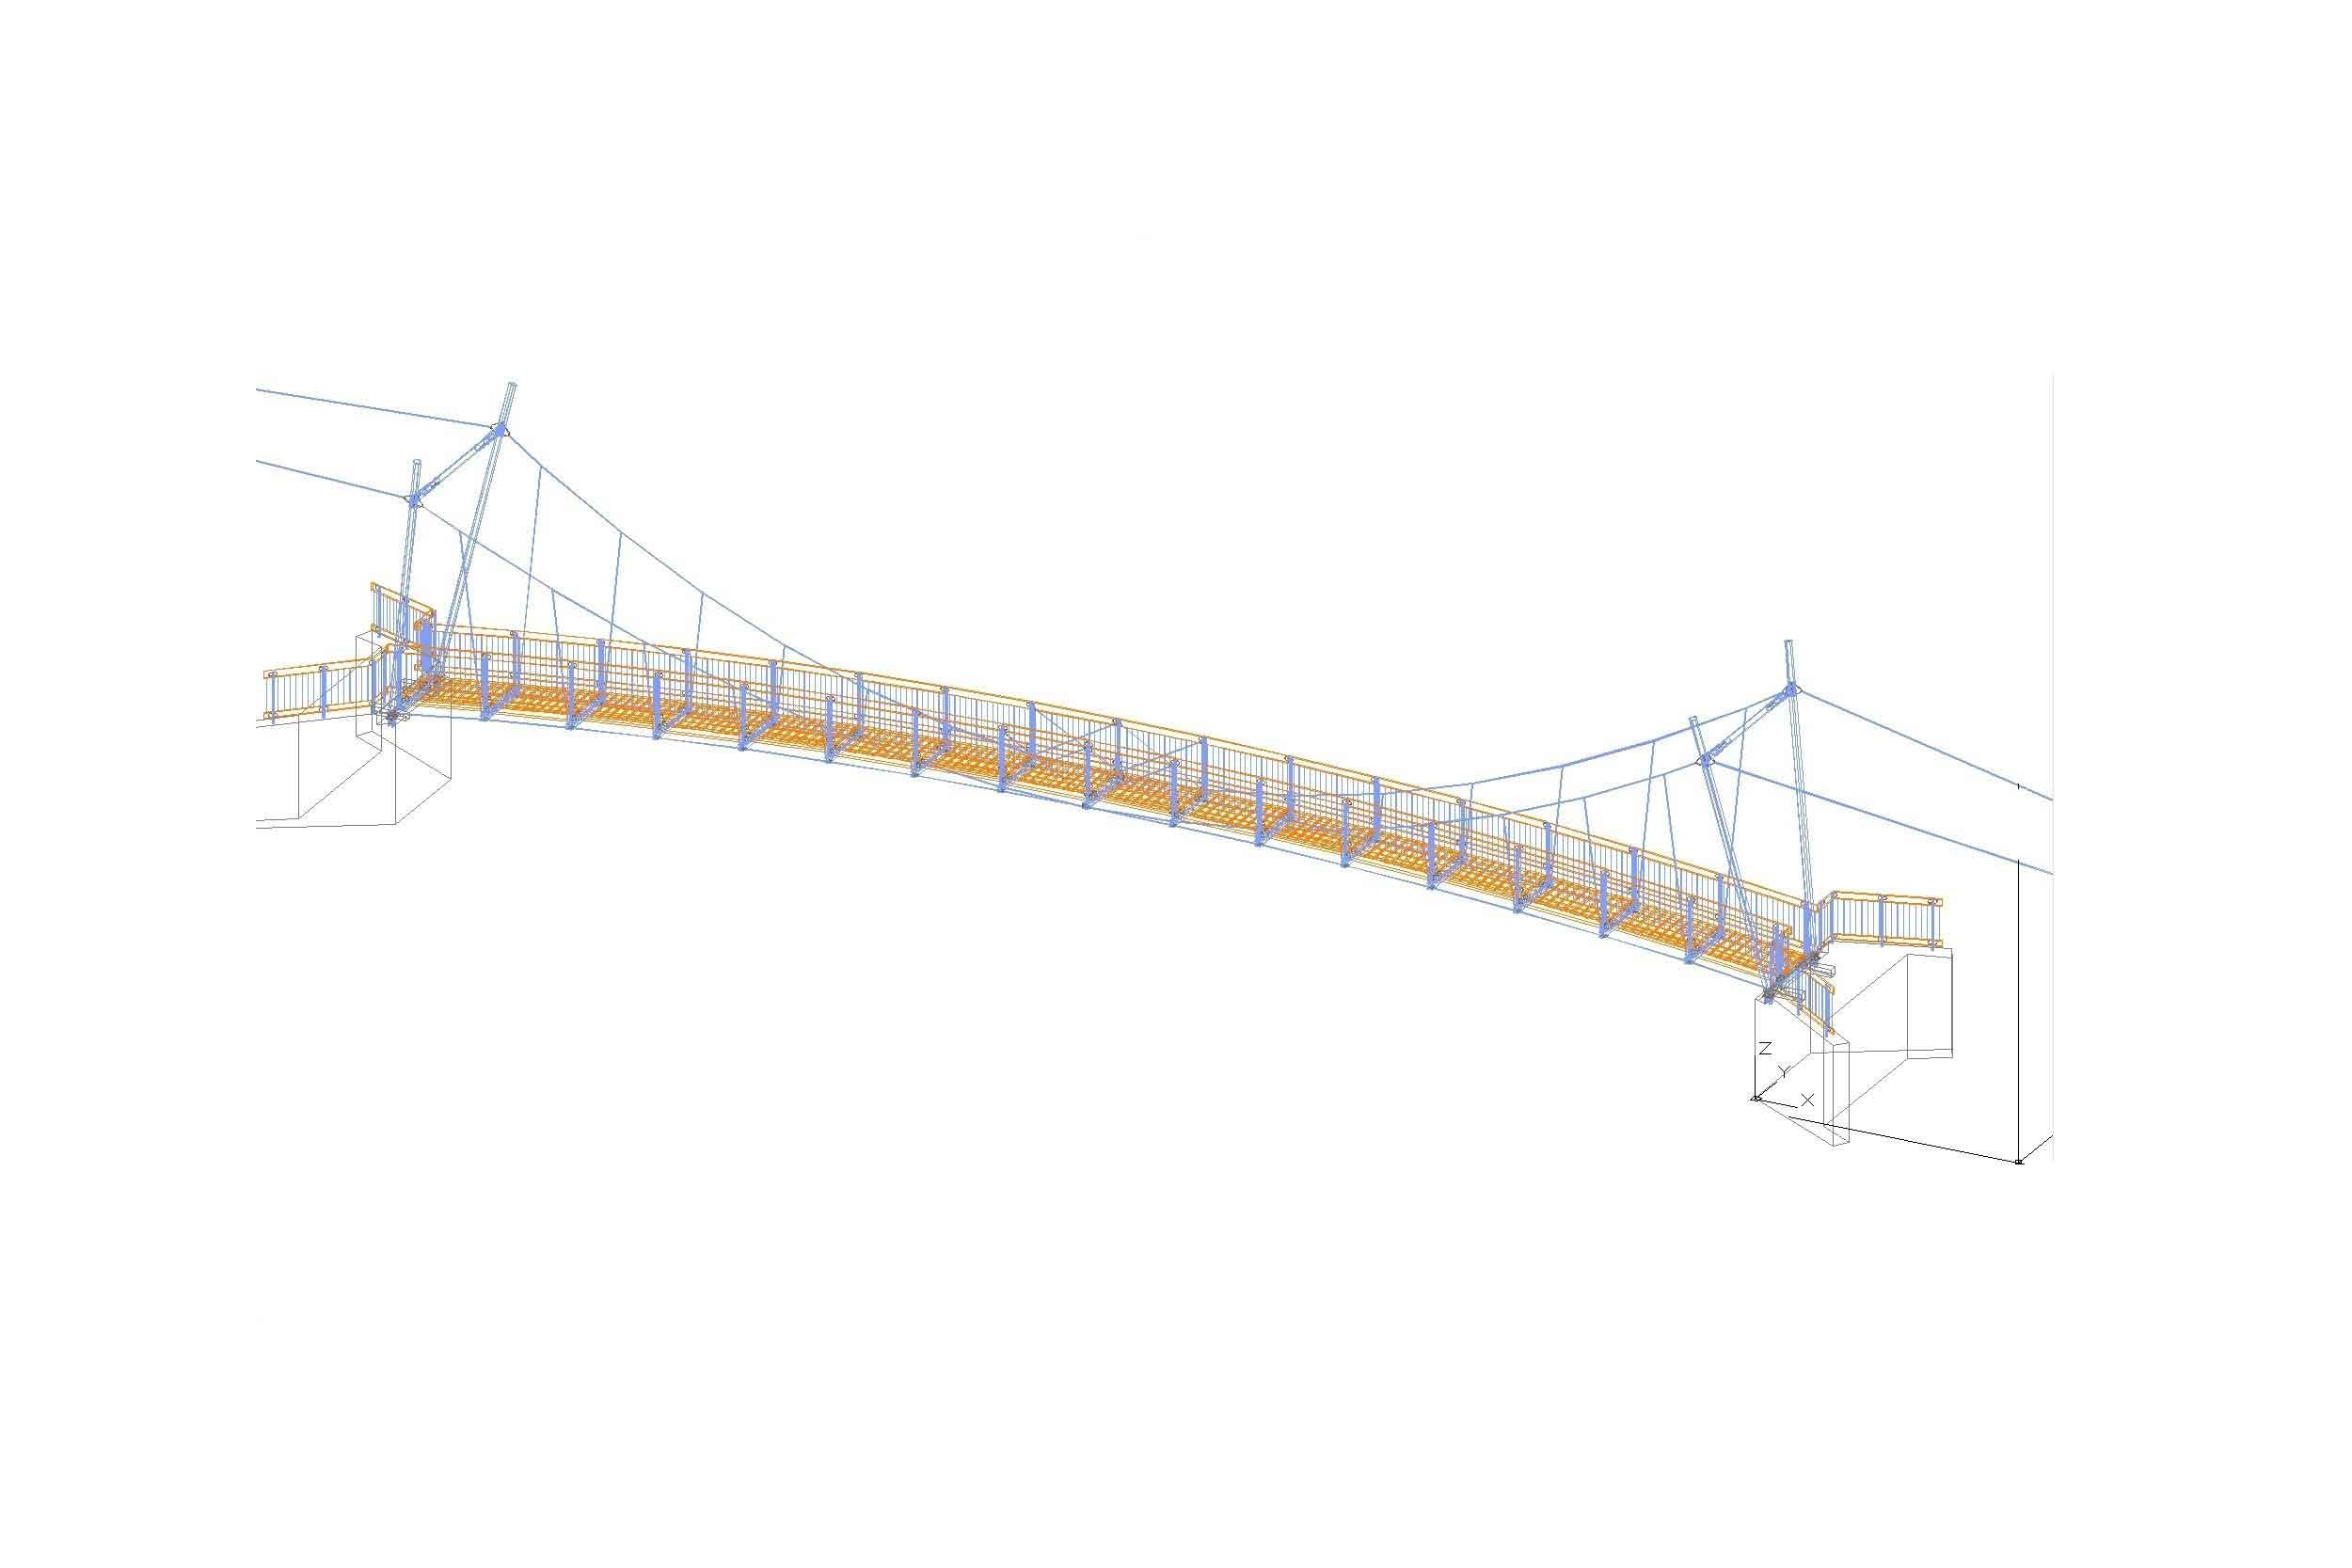 Brückenbau - Seilsteg Reichraming